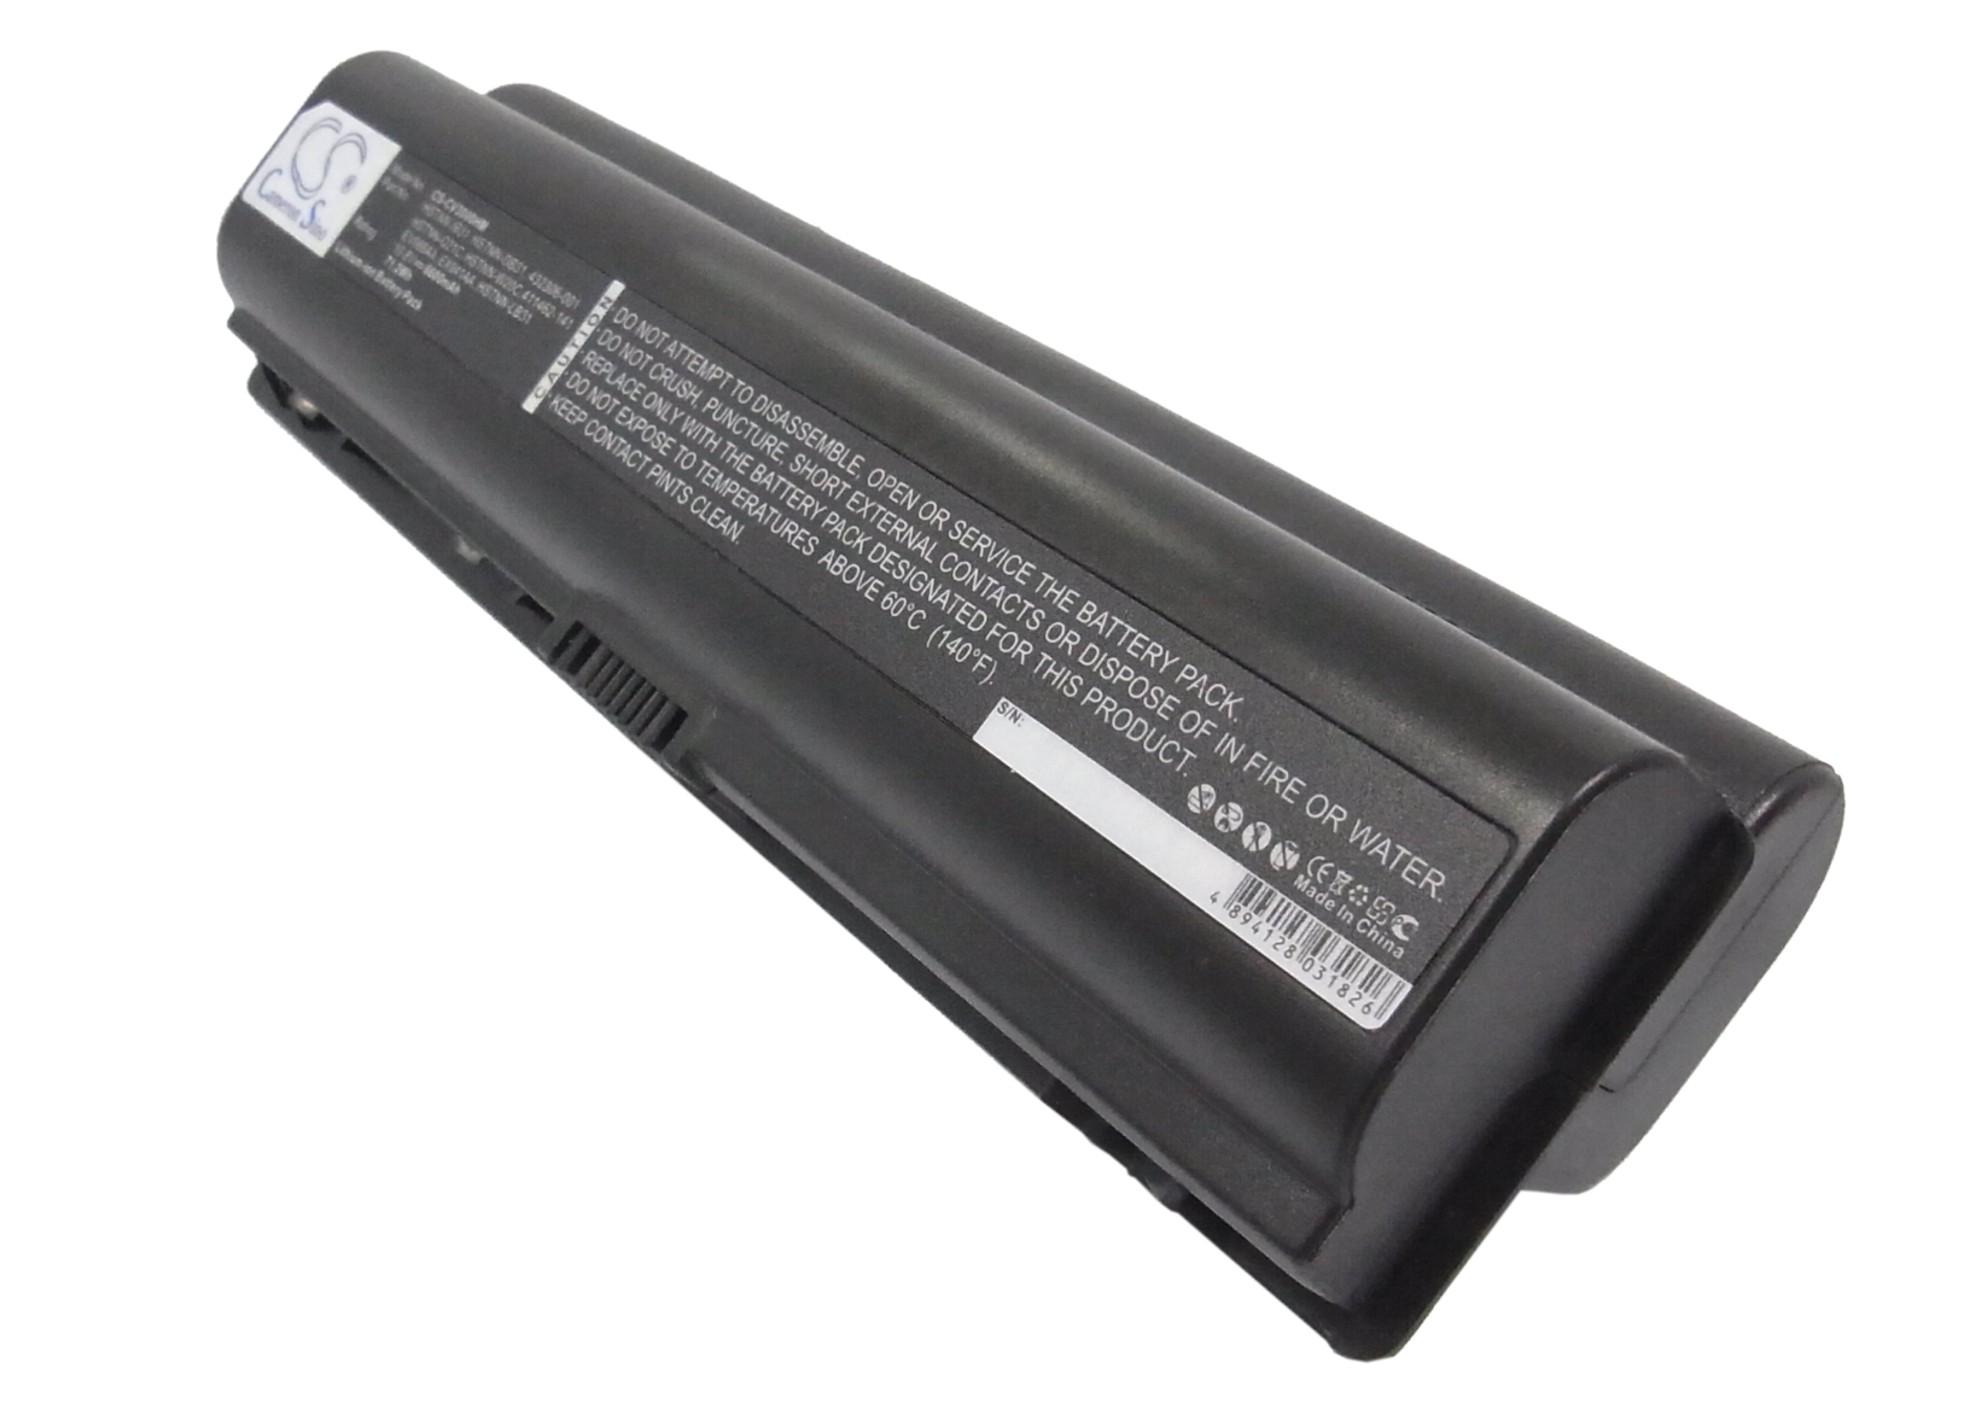 Cameron Sino baterie do notebooků pro HP Pavilion dv6700/CT 10.8V Li-ion 6600mAh černá - neoriginální